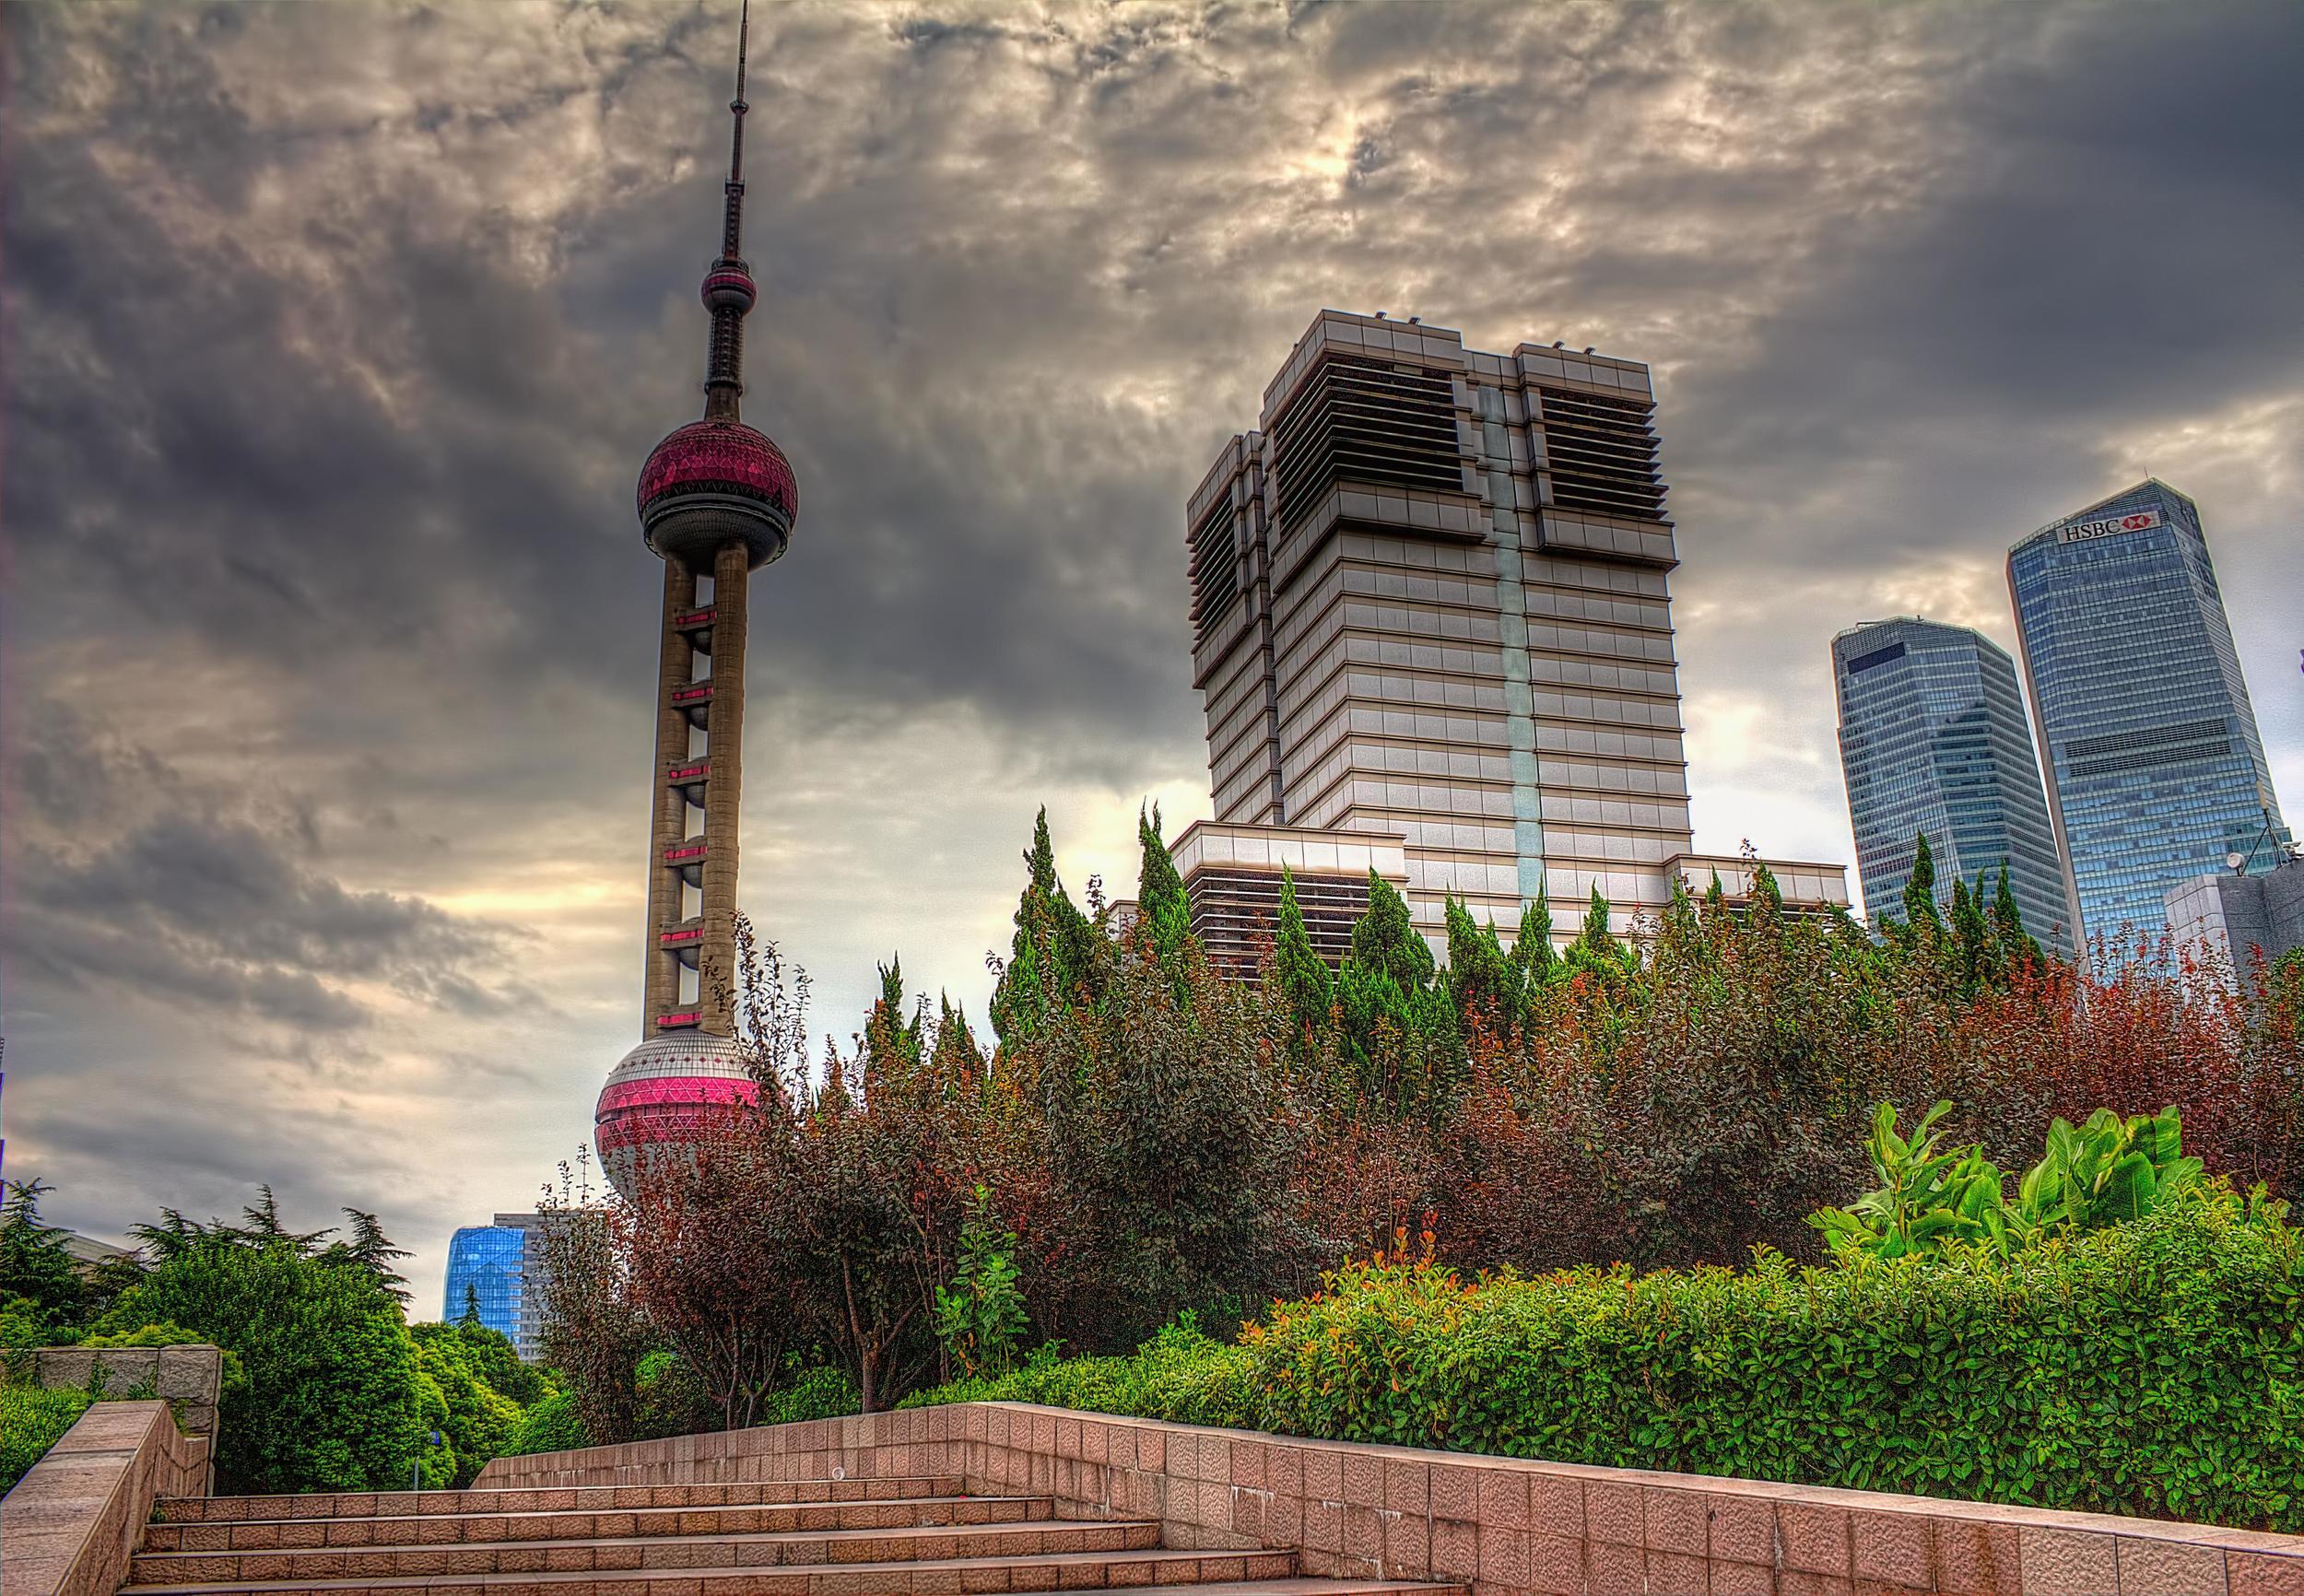 SHANGHAI PEAR TOWER